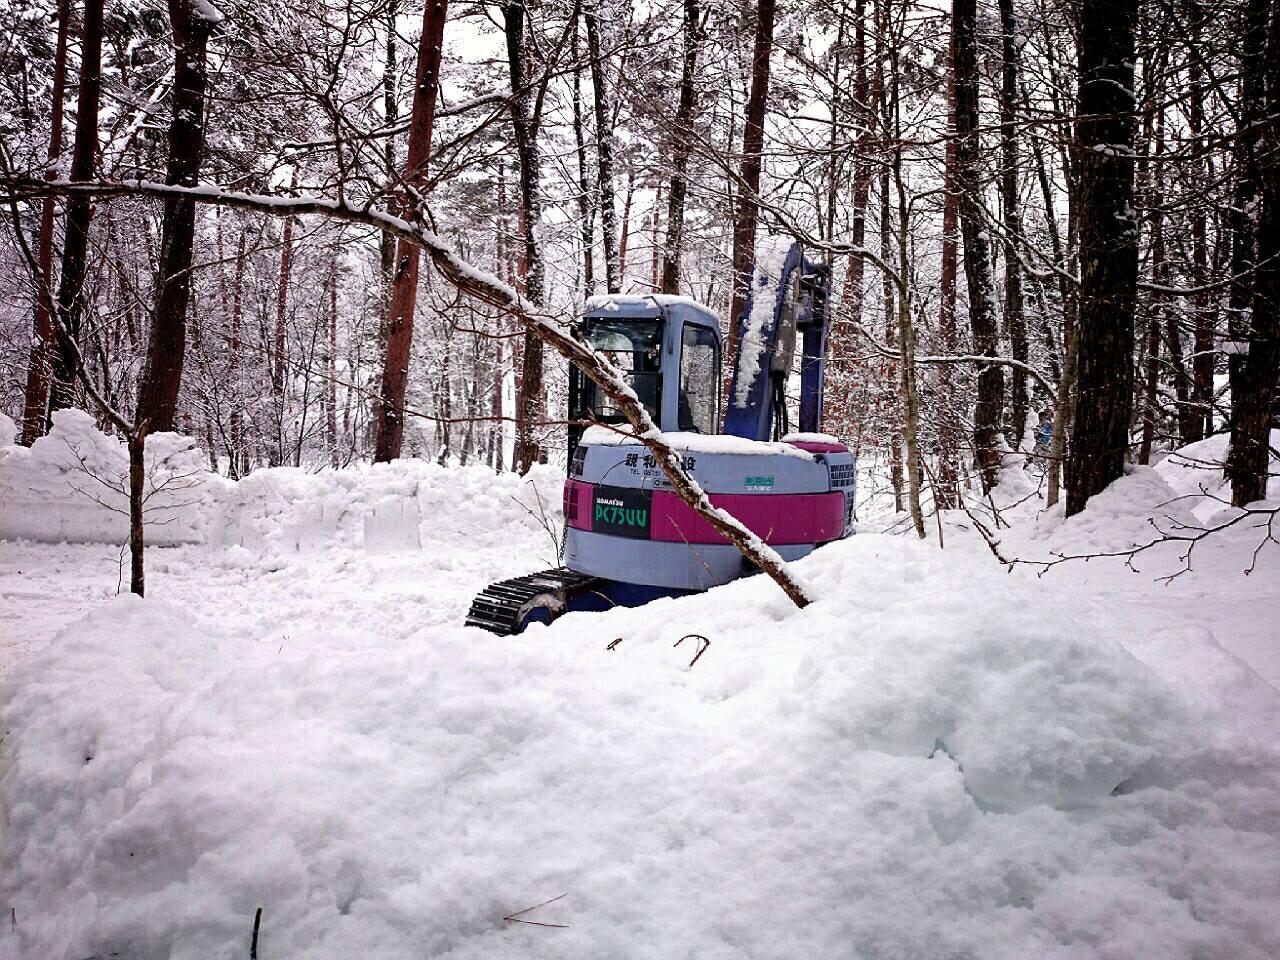 雪中キャンプ1日目